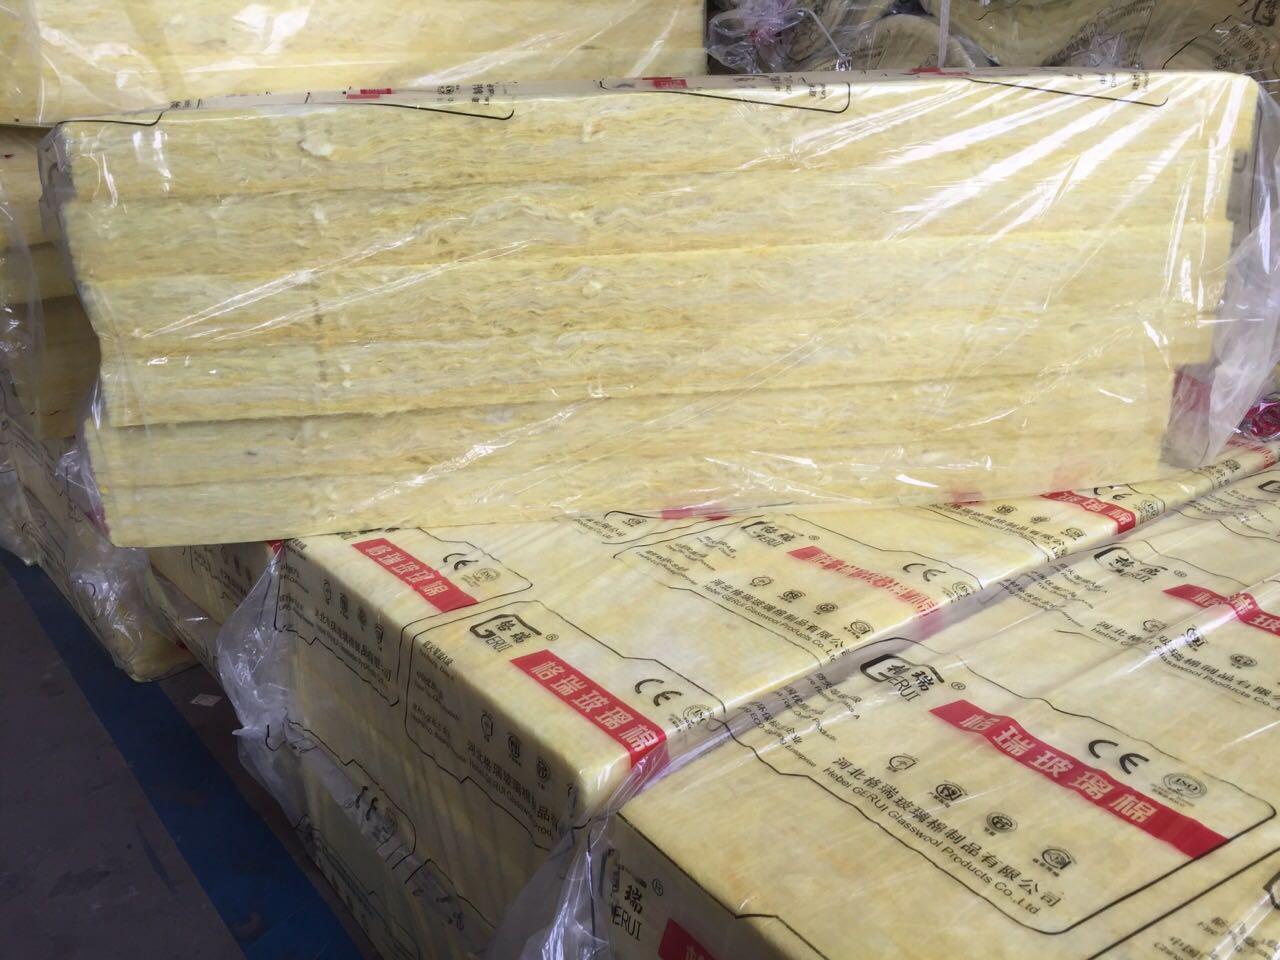 厂家直销玻璃棉板防火耐高温铝箔玻璃棉板无甲醛玻璃棉